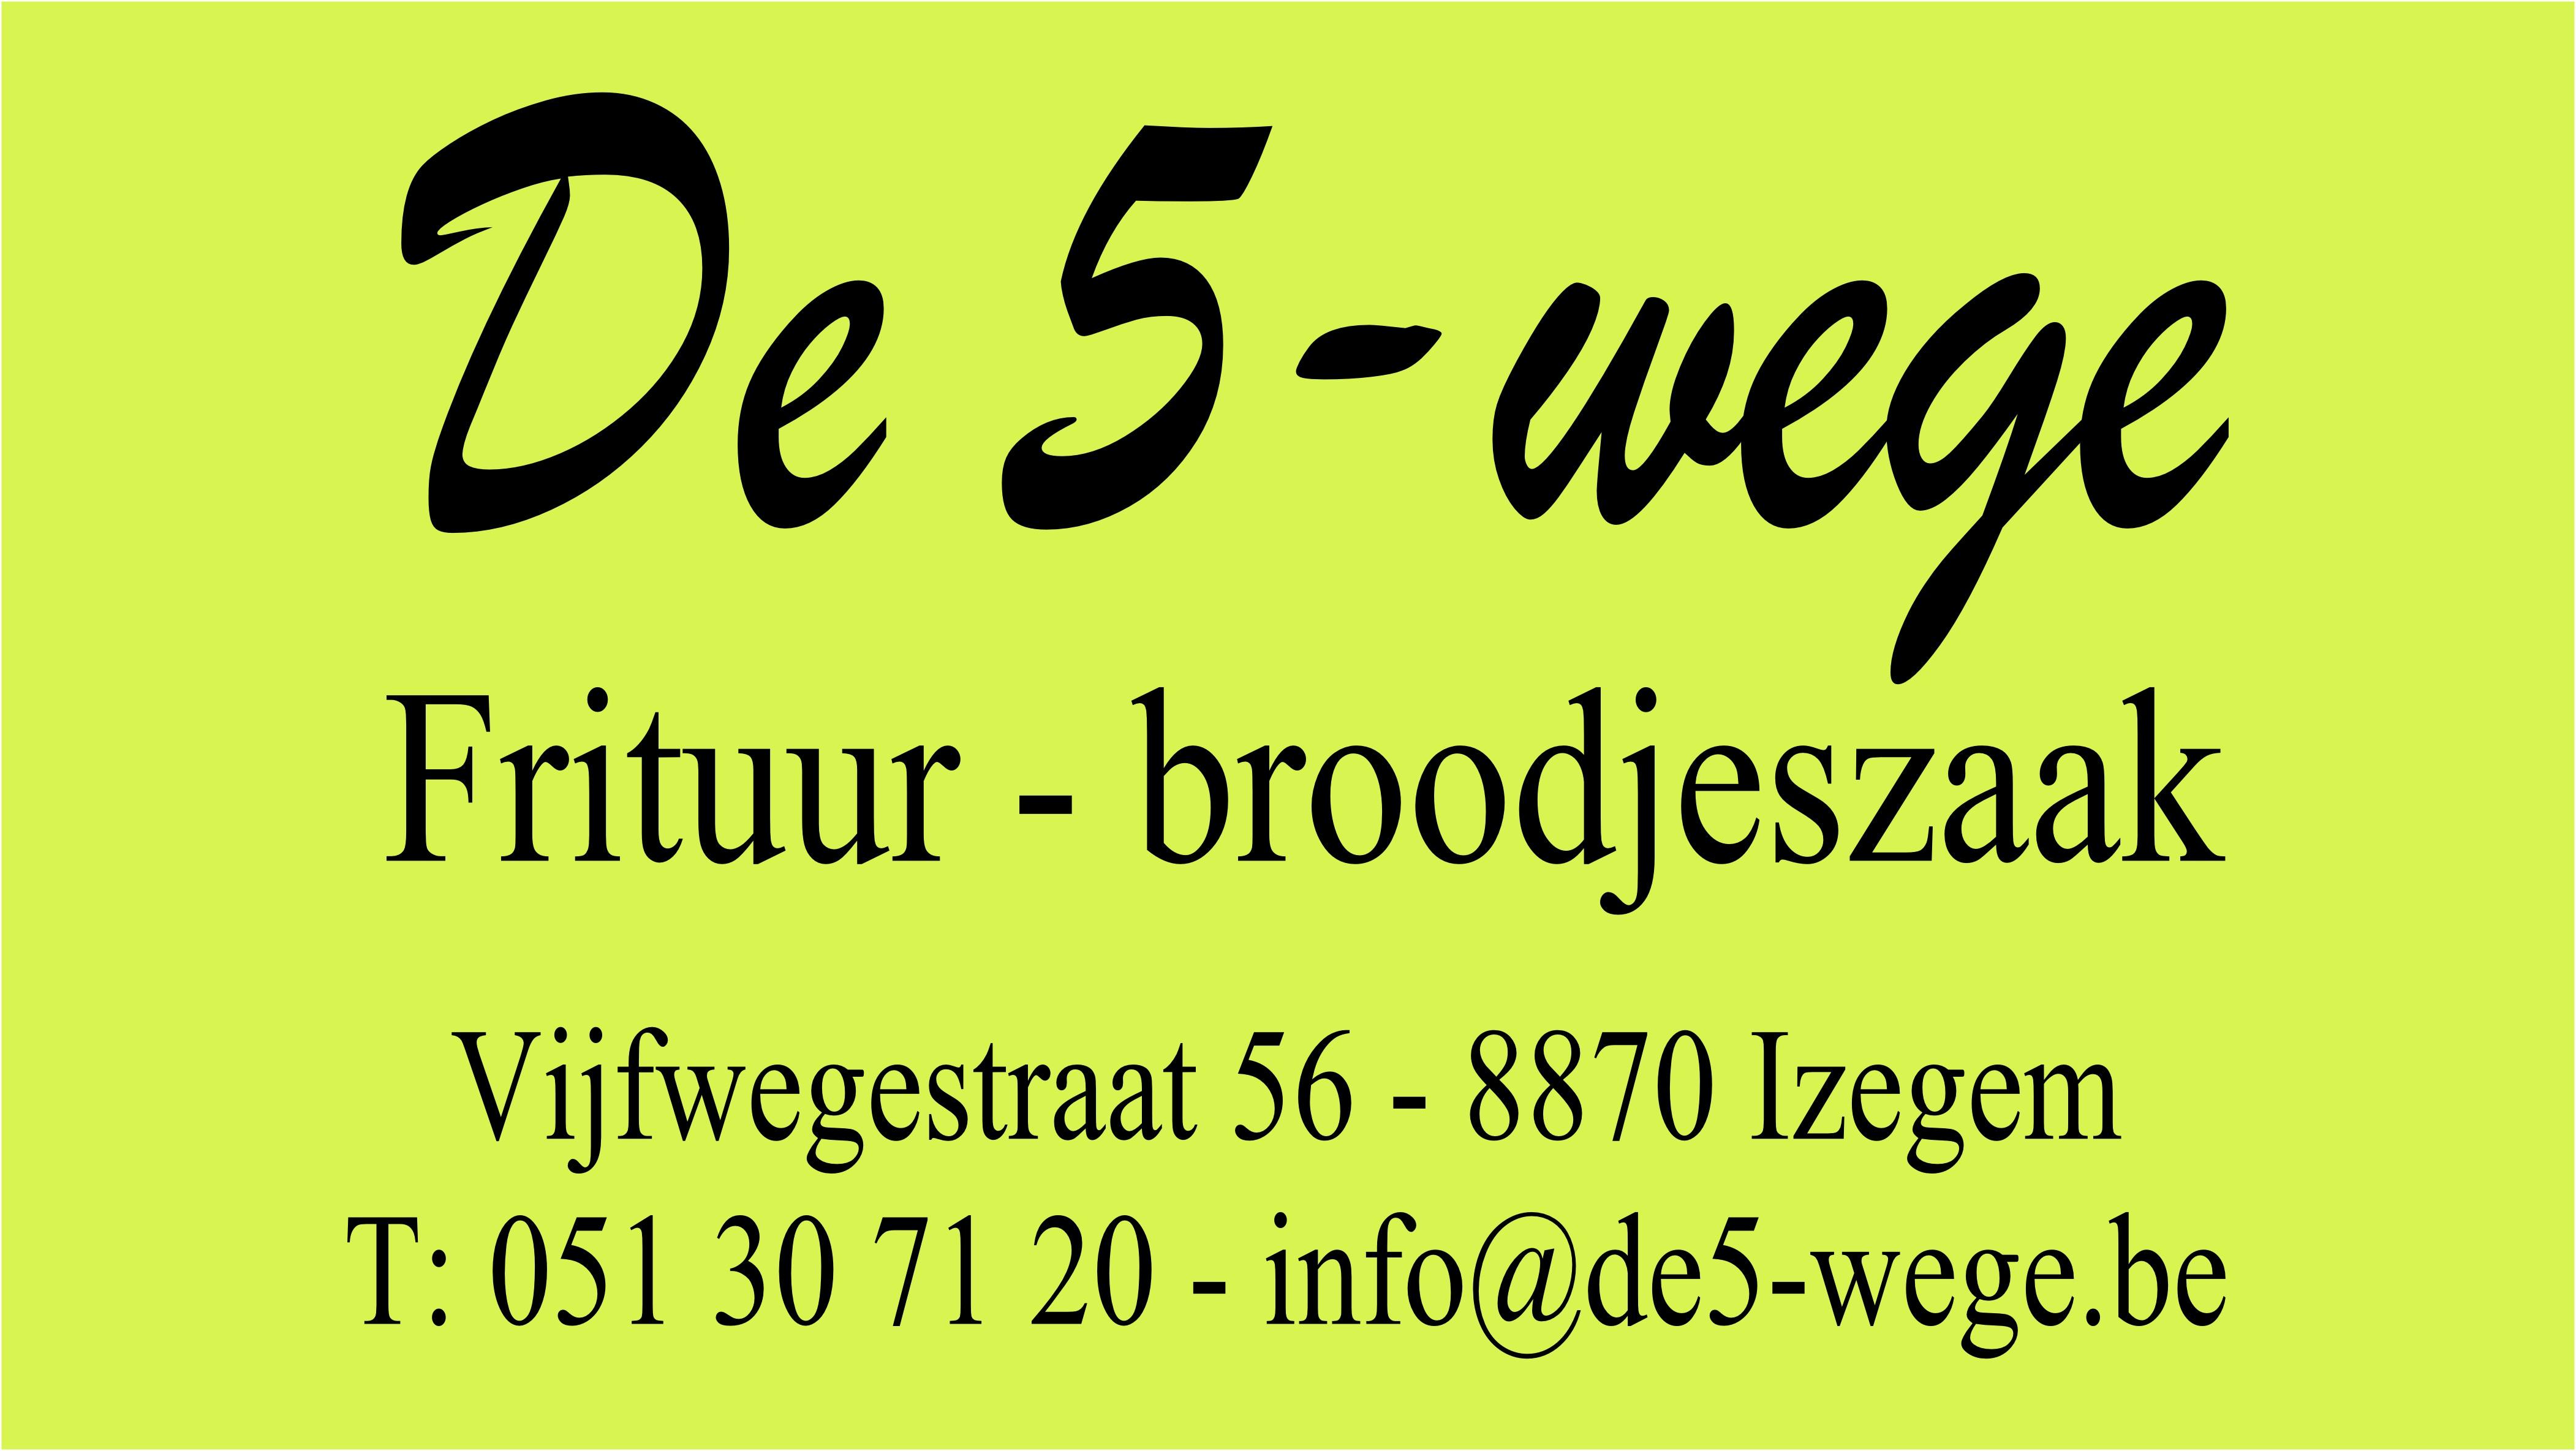 27-Scherm_de5wege